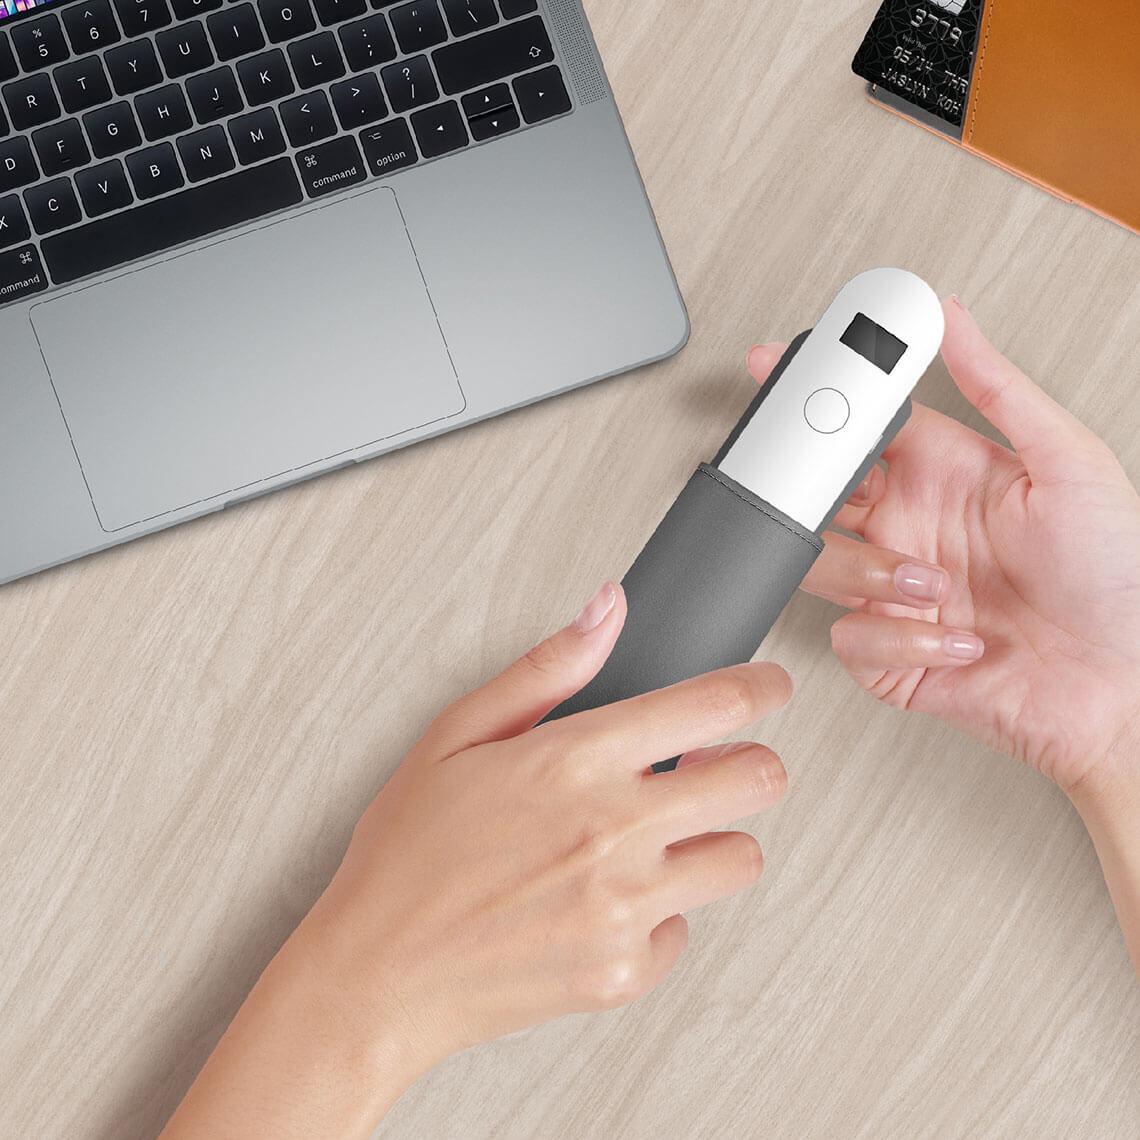 دستگاه ضد عفونی کننده سطوح یونیک مدل Lyfro Beam